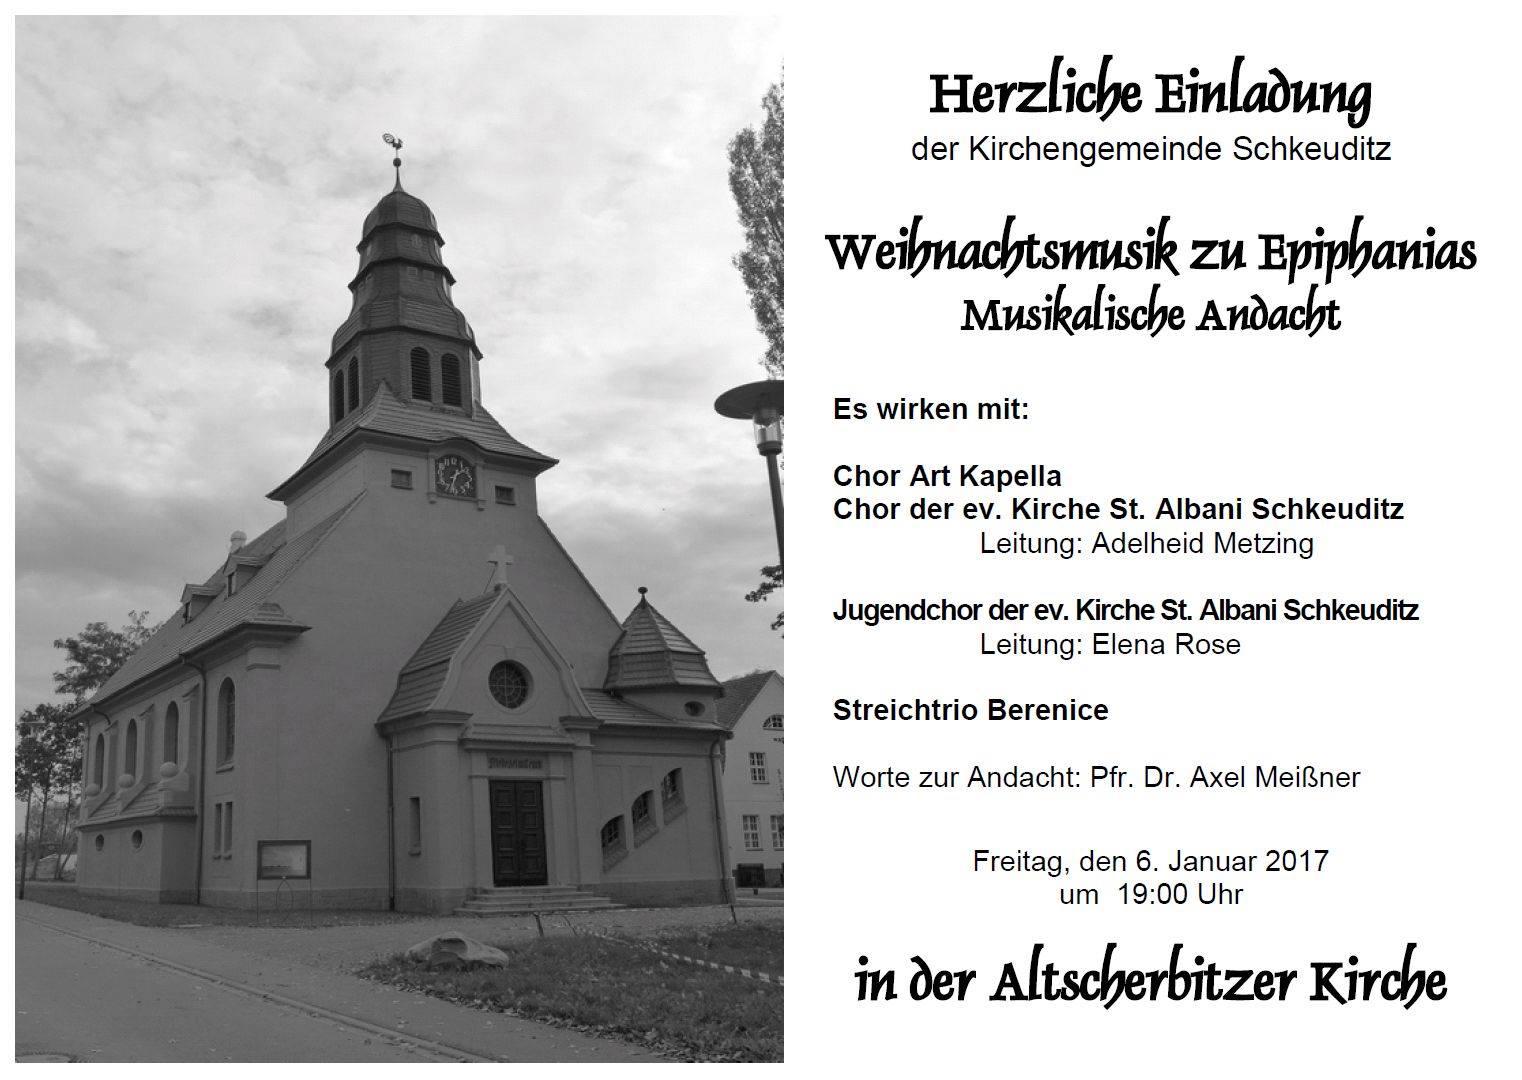 Plakat zur Weihnachtsmusik in der Kirche in Altscherbitz